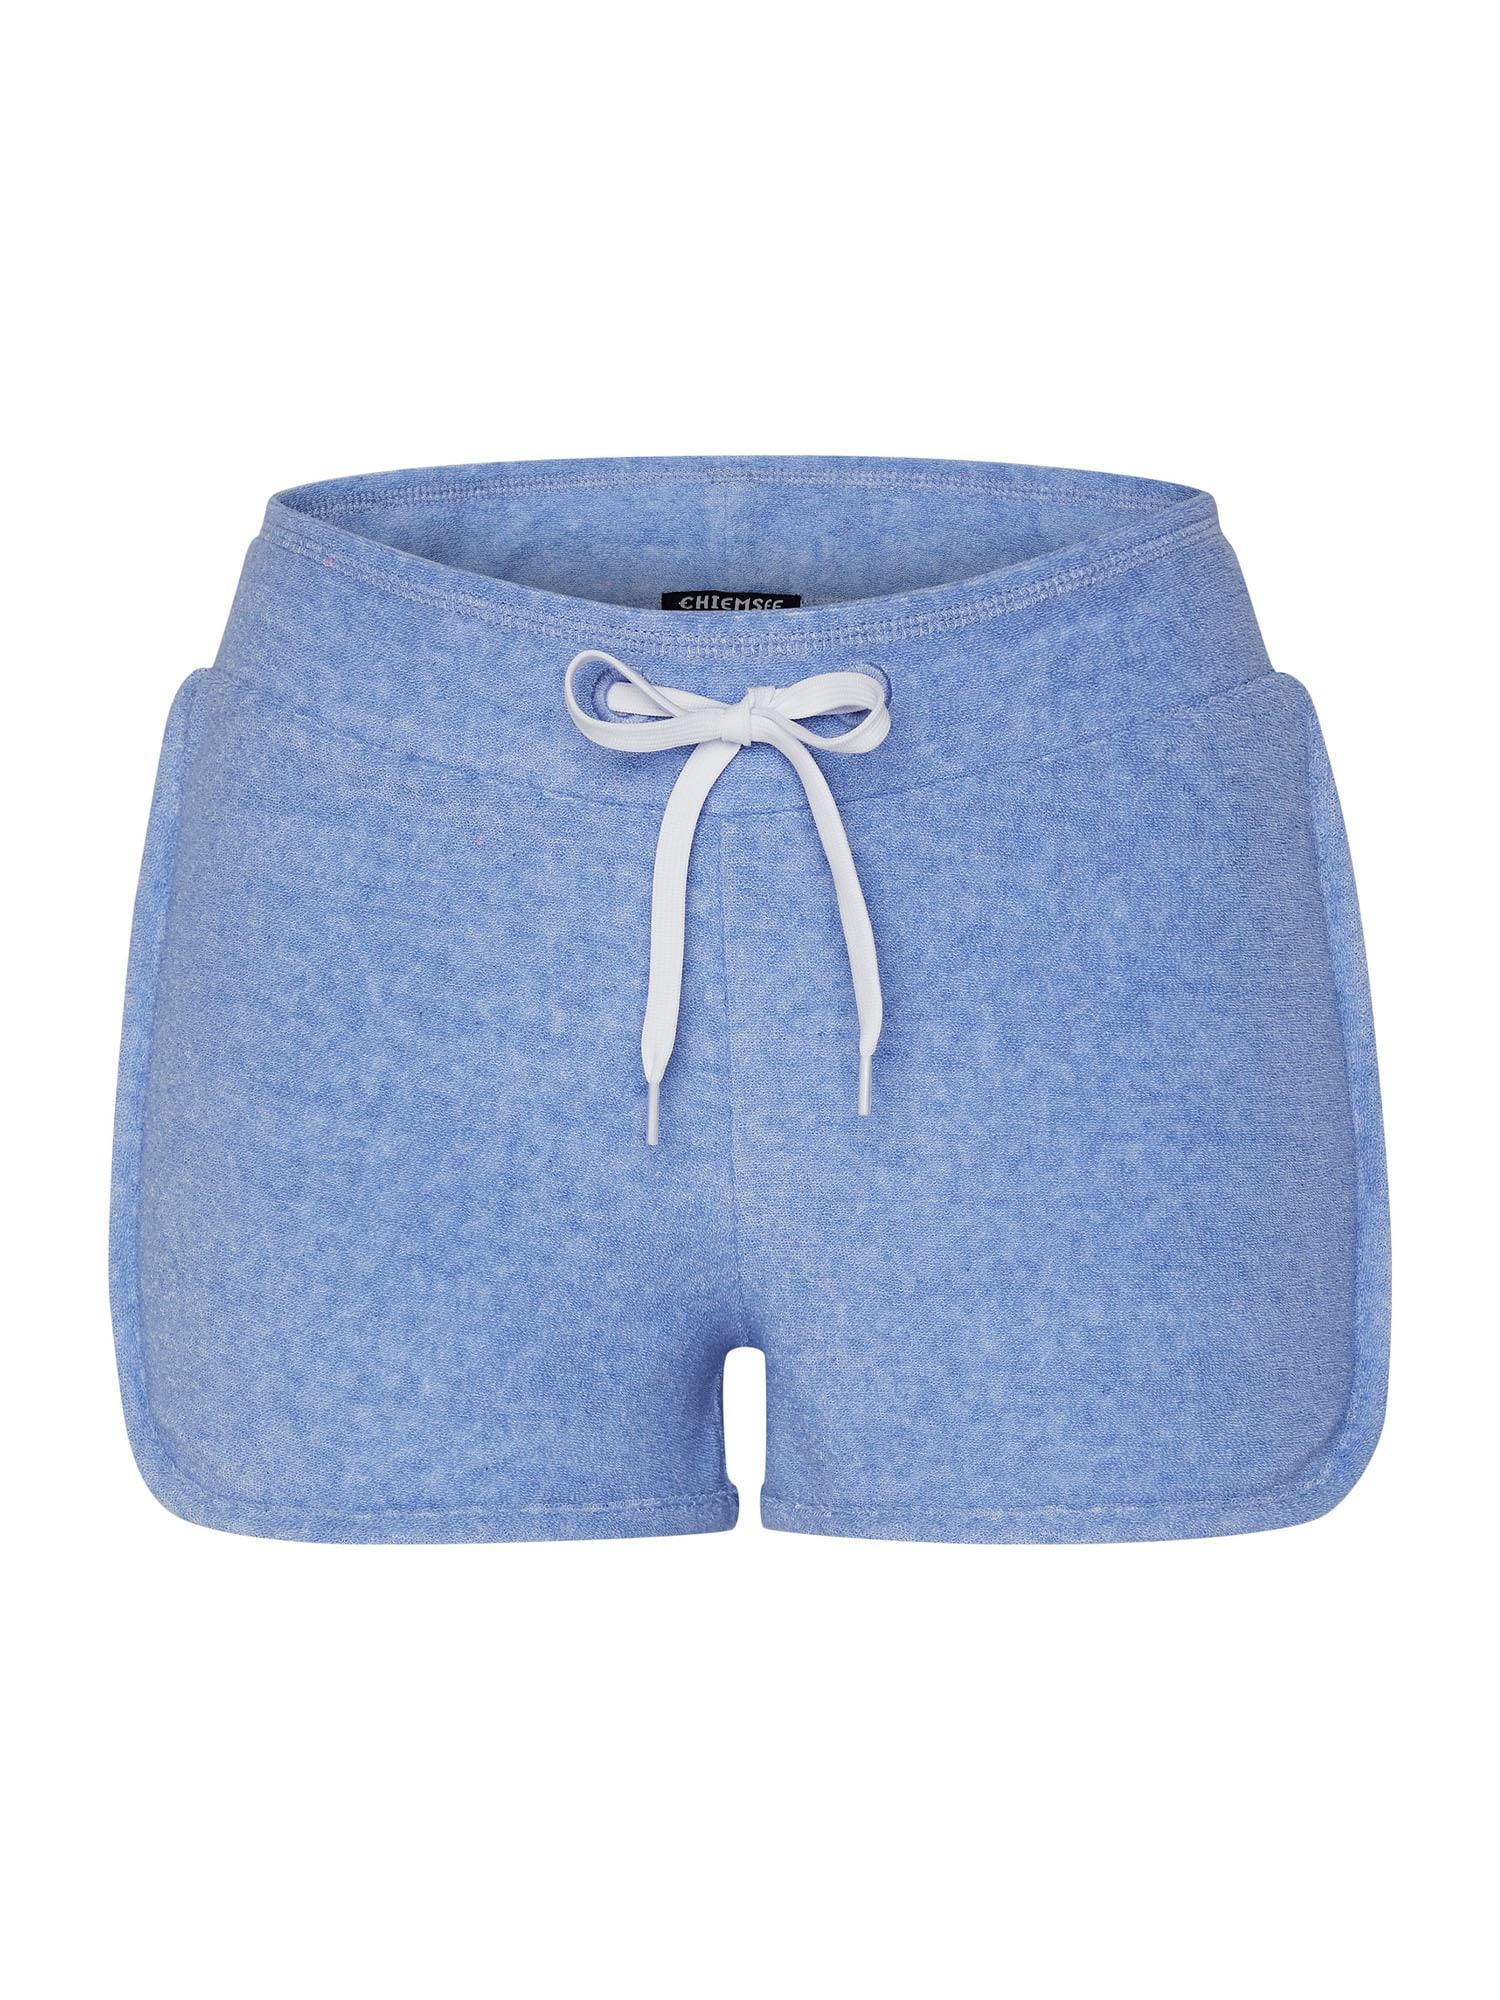 CHIEMSEE Sportinės kelnės mėlyna